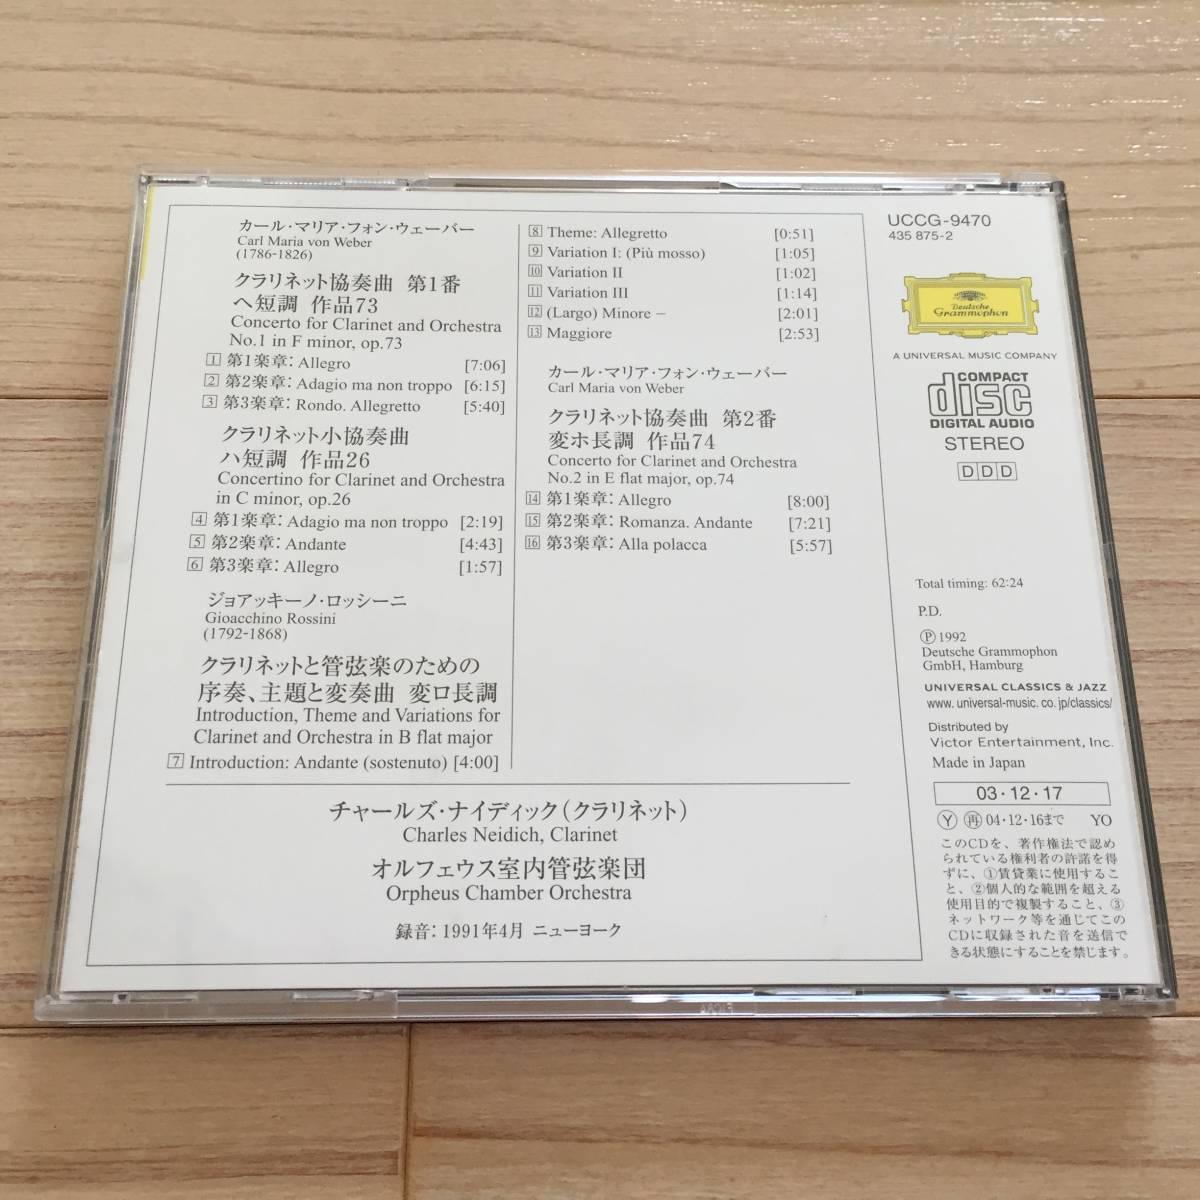 【国内盤CD/Grammophon/UCCG-9470/2003年盤/with Obi】 ウェーバー / クラリネット協奏曲第1番・第2番│クラリネット:ナイディック_画像3